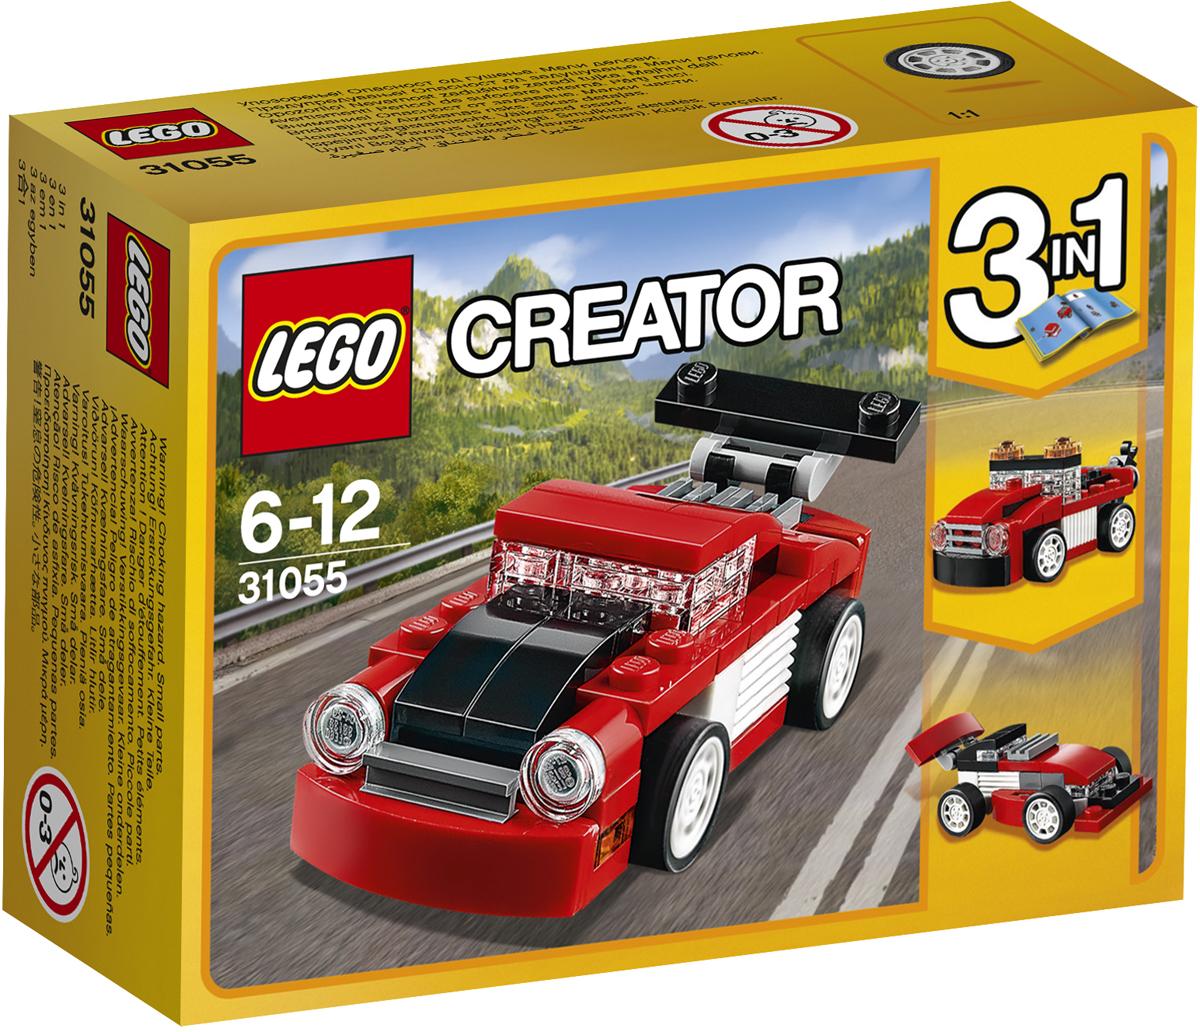 LEGO Creator Конструктор Красная гоночная машина 3105531055Прокатись с ветерком в этом крутом спортивном автомобиле, двигатель которого установлен сзади, с большим задним спойлером и круглыми передними фарами, который выкрашен в спортивные цвета — красный, белый и чёрный. Отрегулируй спойлер для повышения тяги и ещё большего ускорения! Если тебе захочется что-нибудь изменить, преврати свой автомобиль в Буксировщик или Гоночный автомобиль.